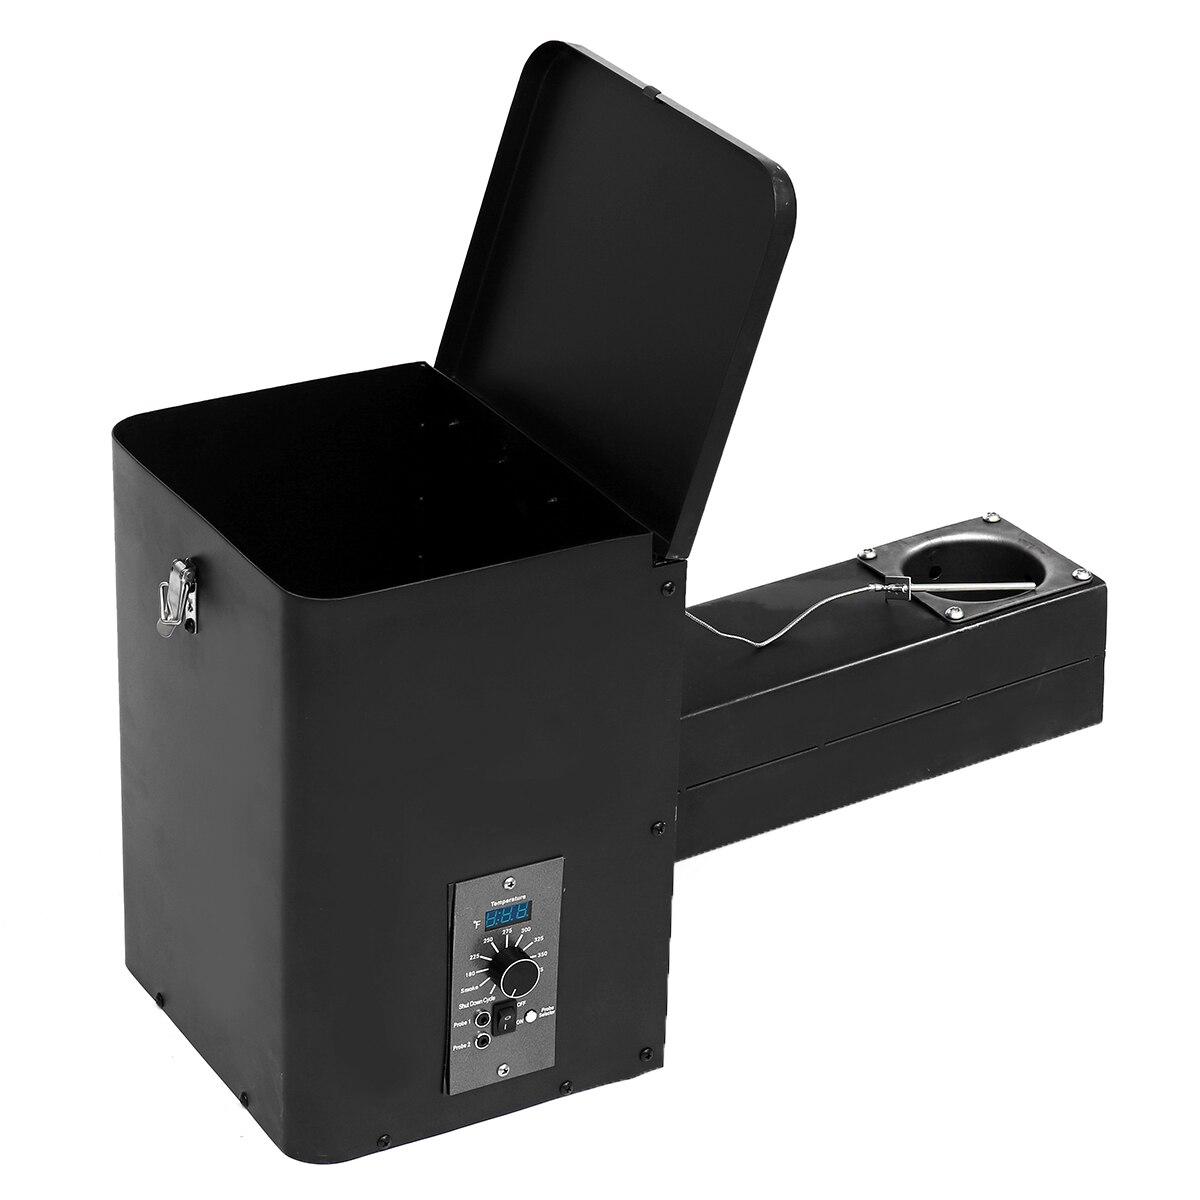 متحكم رقمي ذكي في درجة الحرارة ، كهربائي ، أوتوماتيكي ، حبيبات خشبية ، مدخن ، جزء بديل ، ملحقات شواء ، 120 فولت